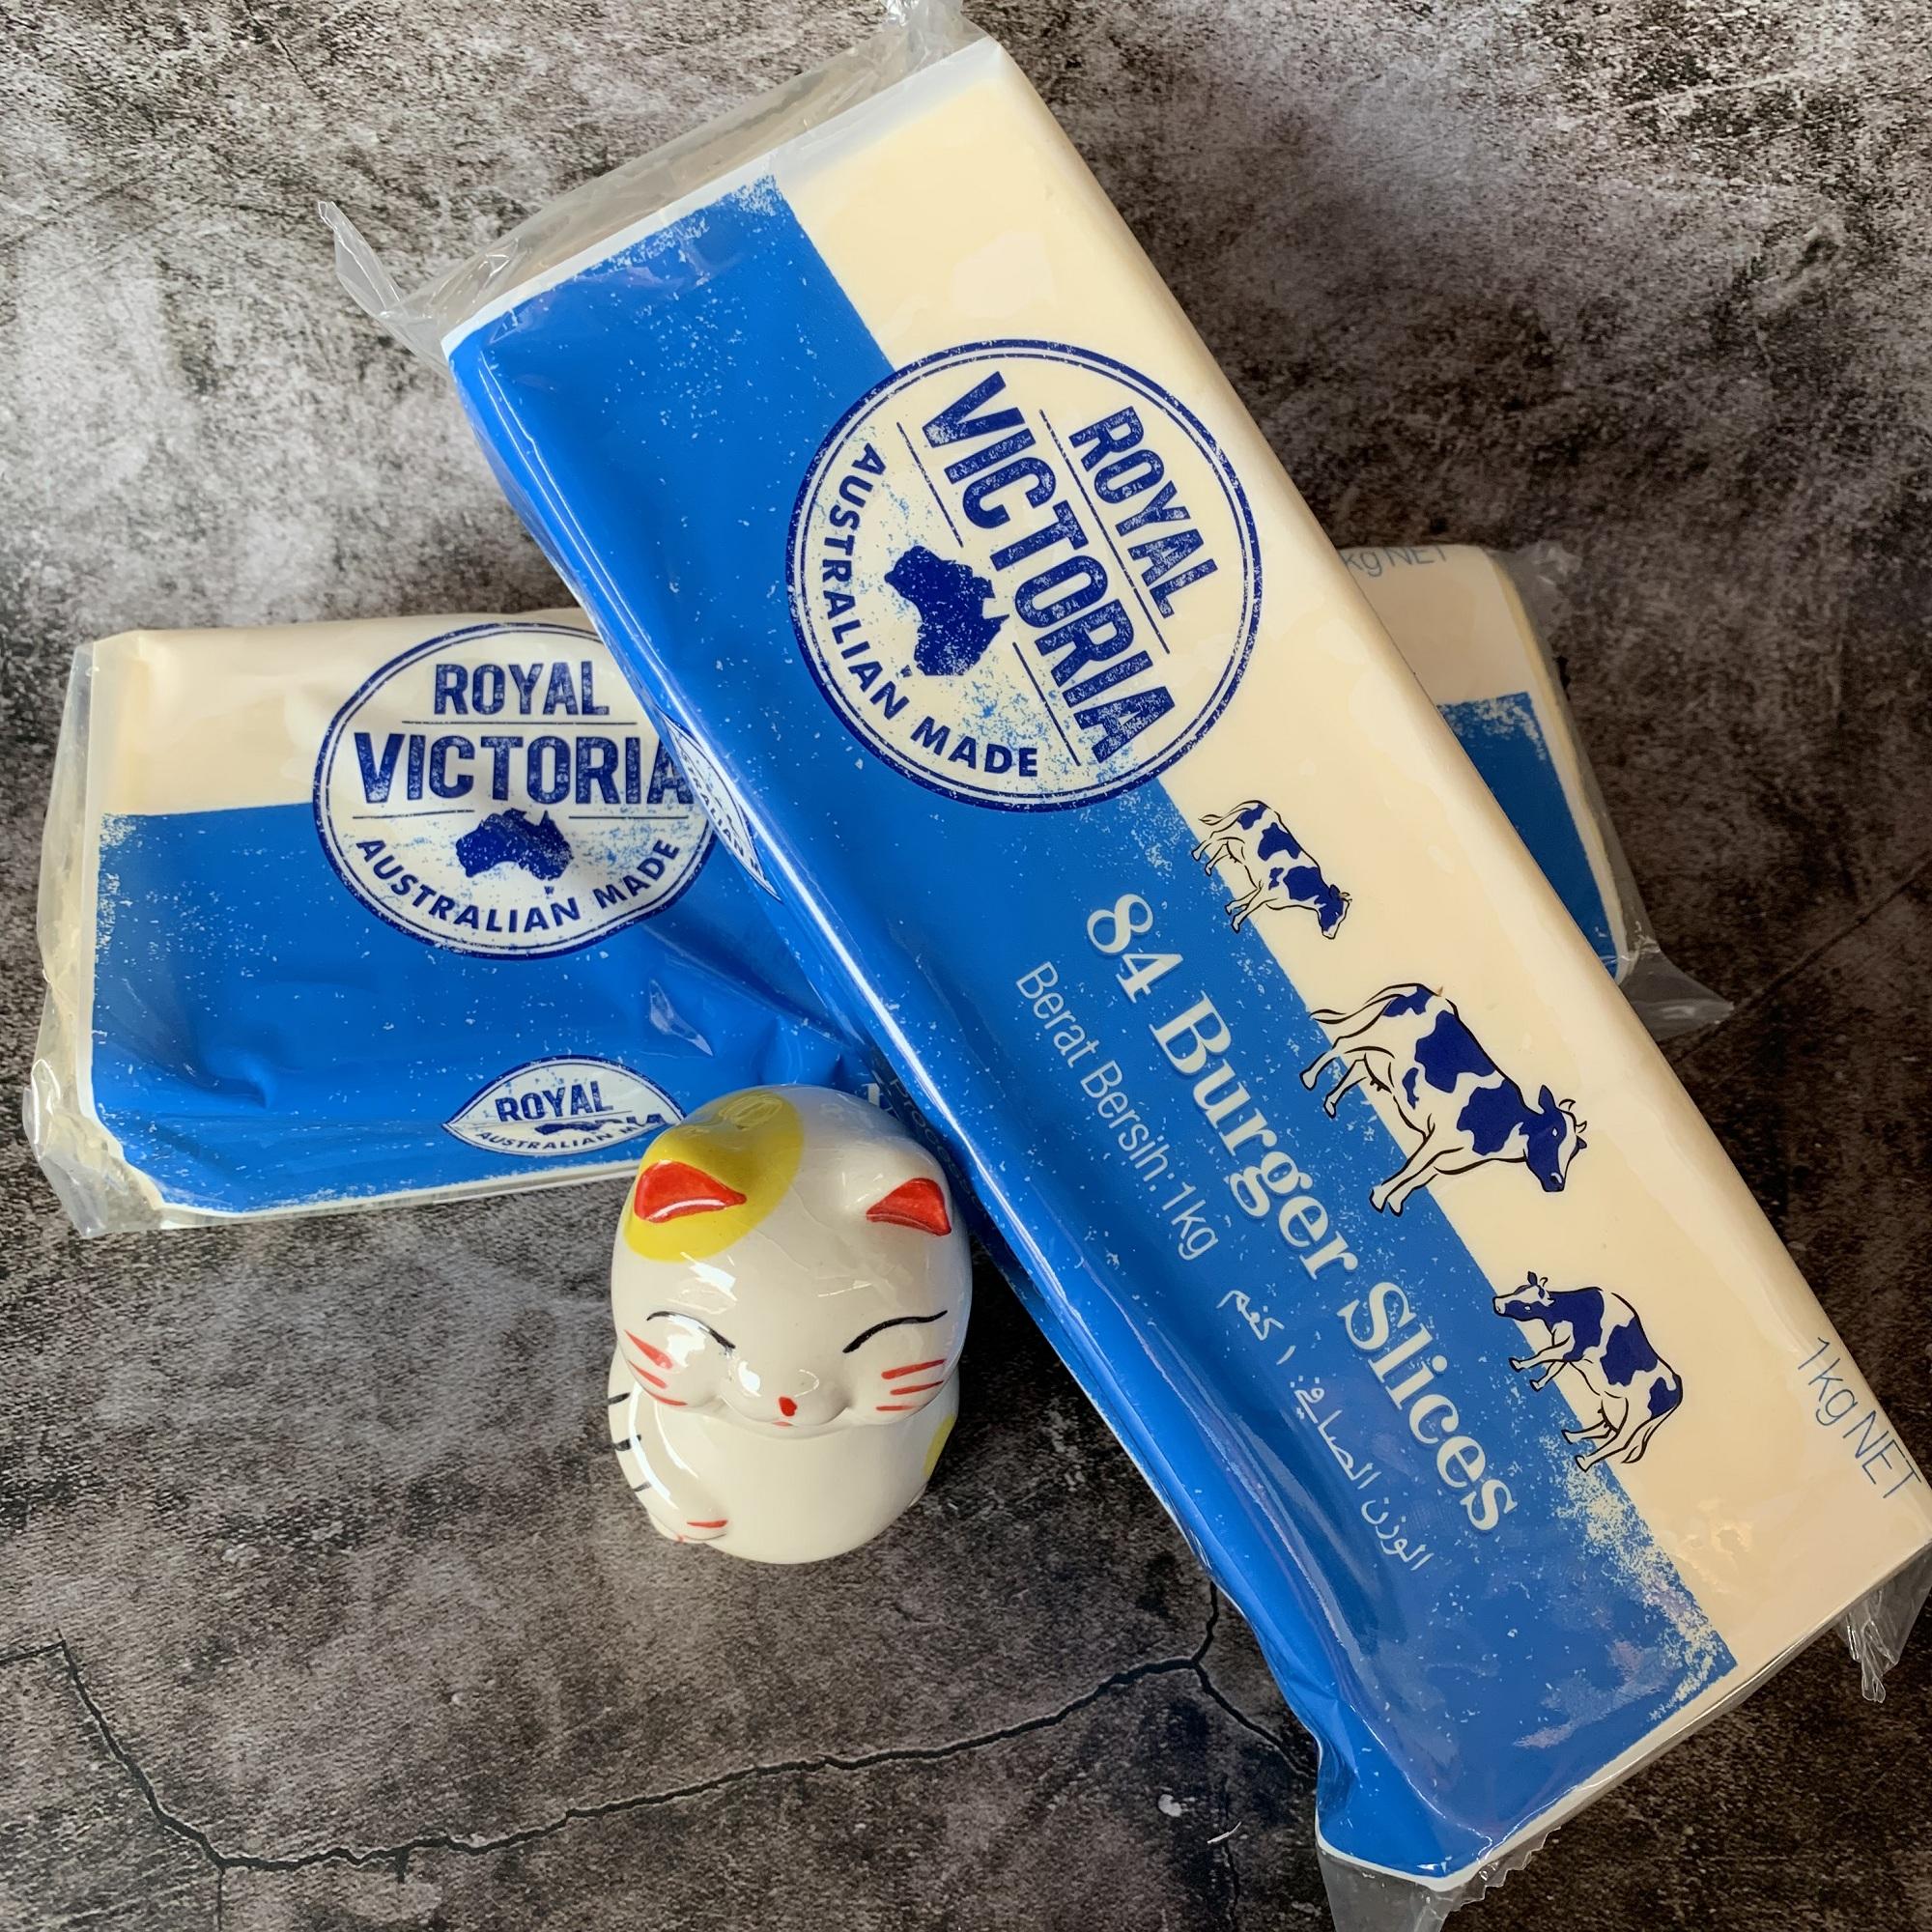 澳大利亚进口 维多利亚白色芝士片 维多利亚芝士片84片早餐三明治(非品牌)